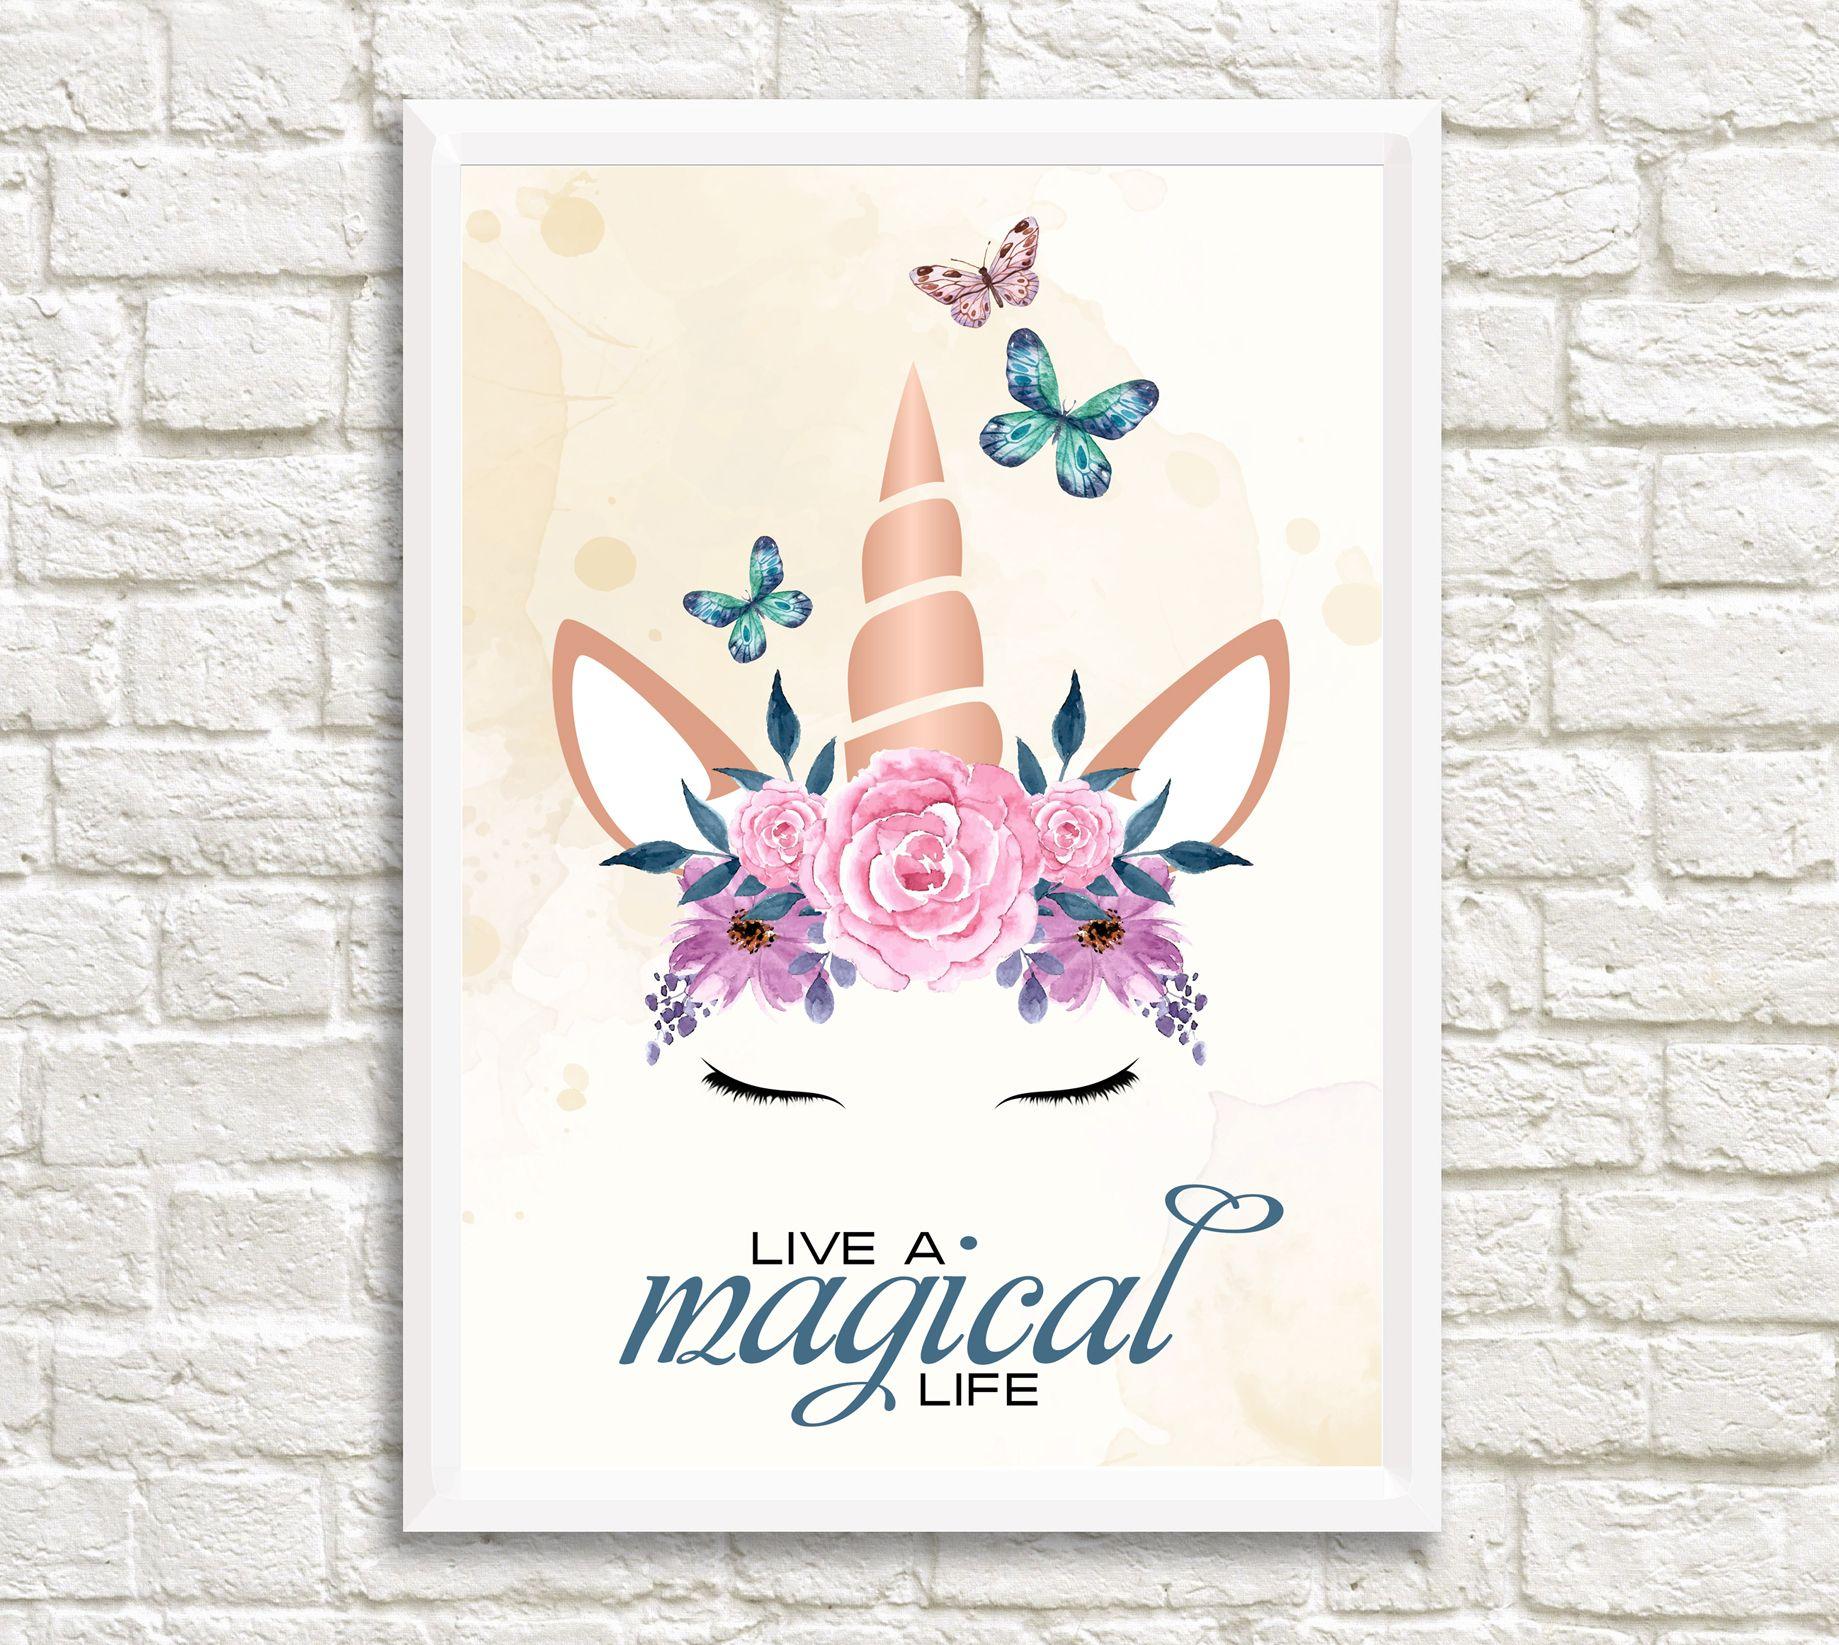 image about Unicorn Eyelashes Printable referred to as Unicorn Wall Artwork, Printable Unicorn Artwork, Floral Unicorn Artwork